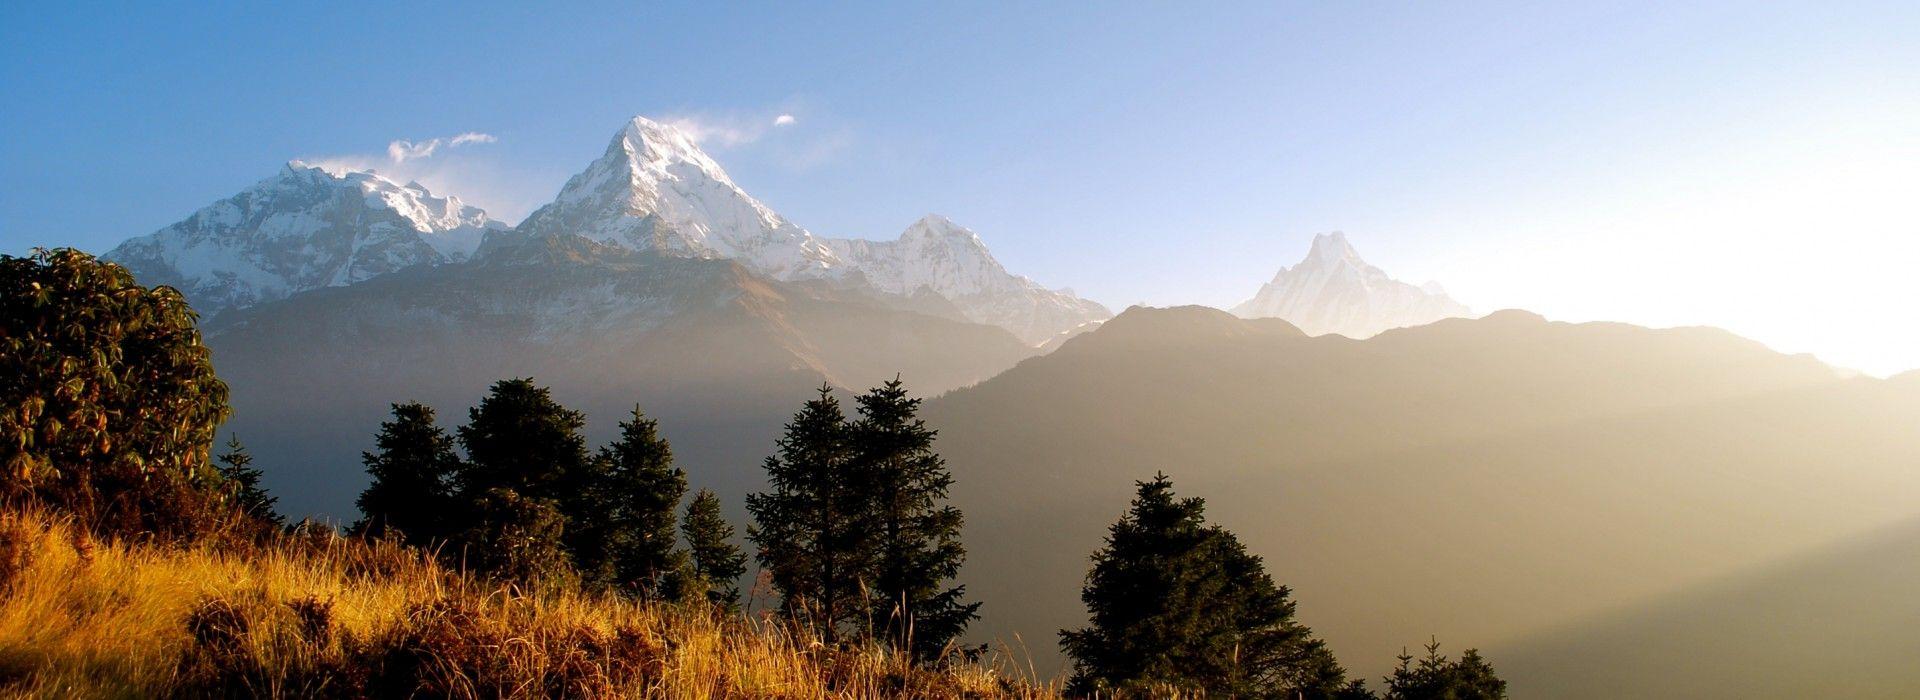 Natural landmarks sightseeing Tours in Nagarkot